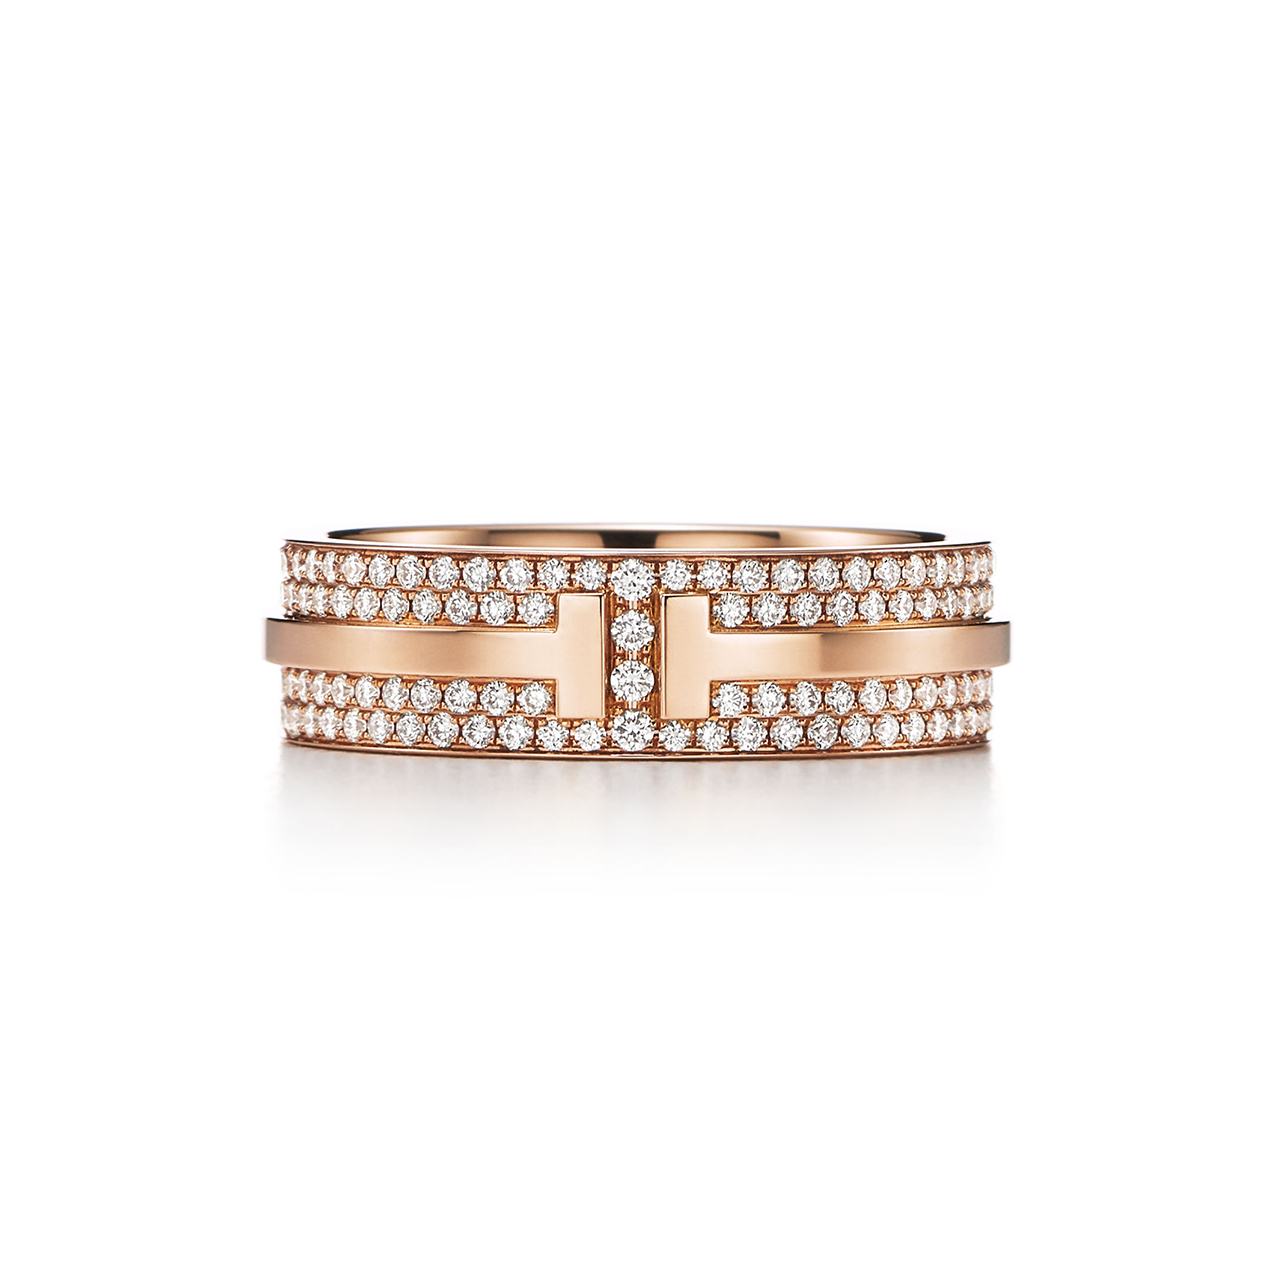 「ティファニー・ティー・ツー」パヴェ ダイヤモンド リング (18KRG、ダイヤ) ¥890,000